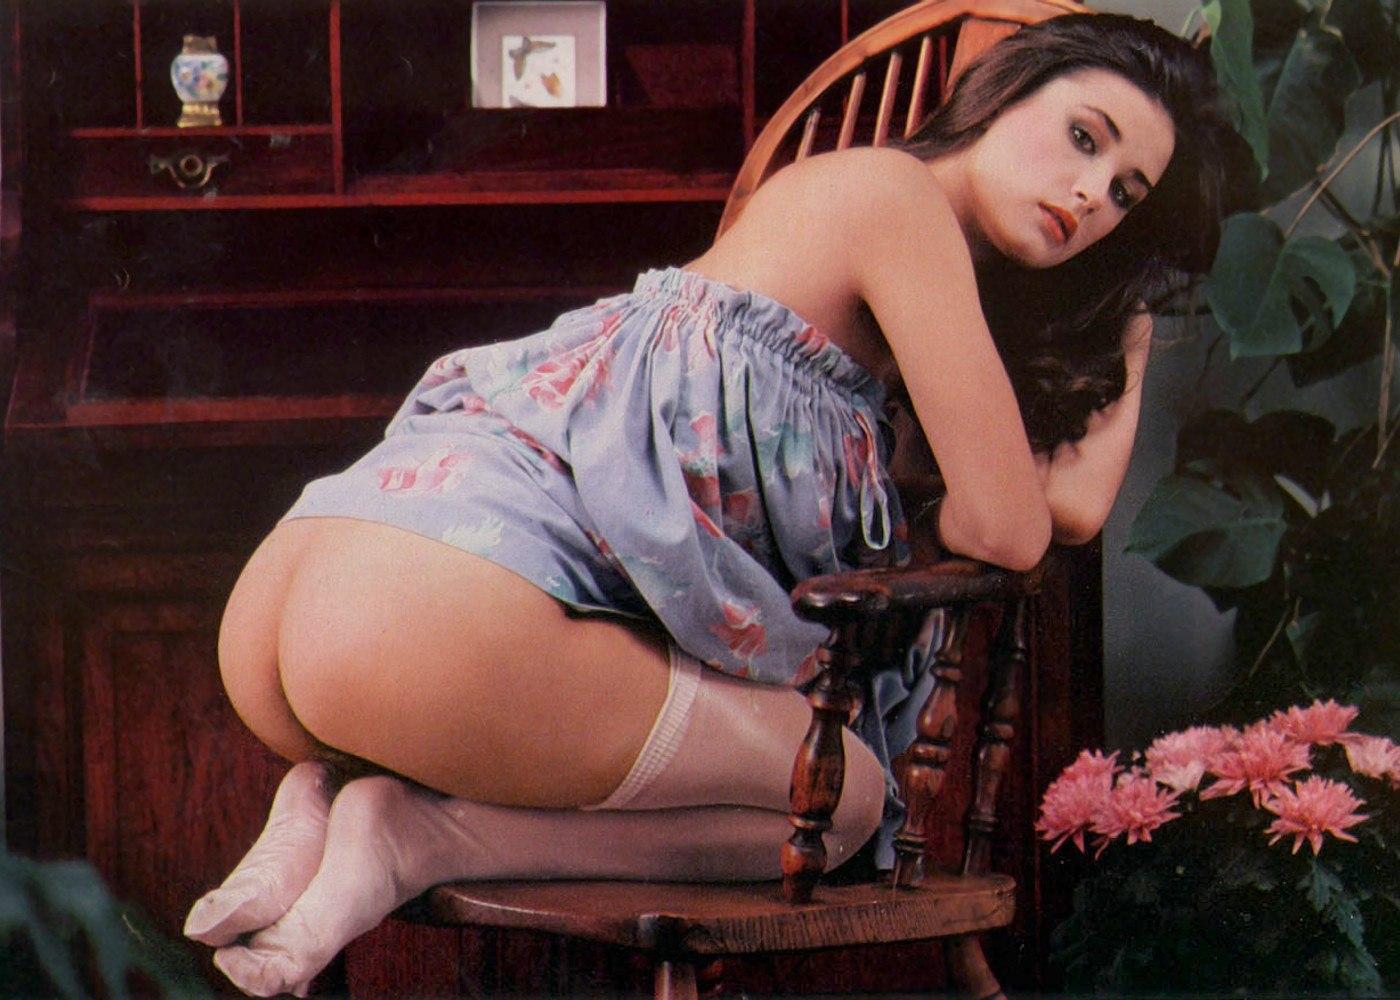 Смотреть эротику знаменитостей бесплатно 13 фотография